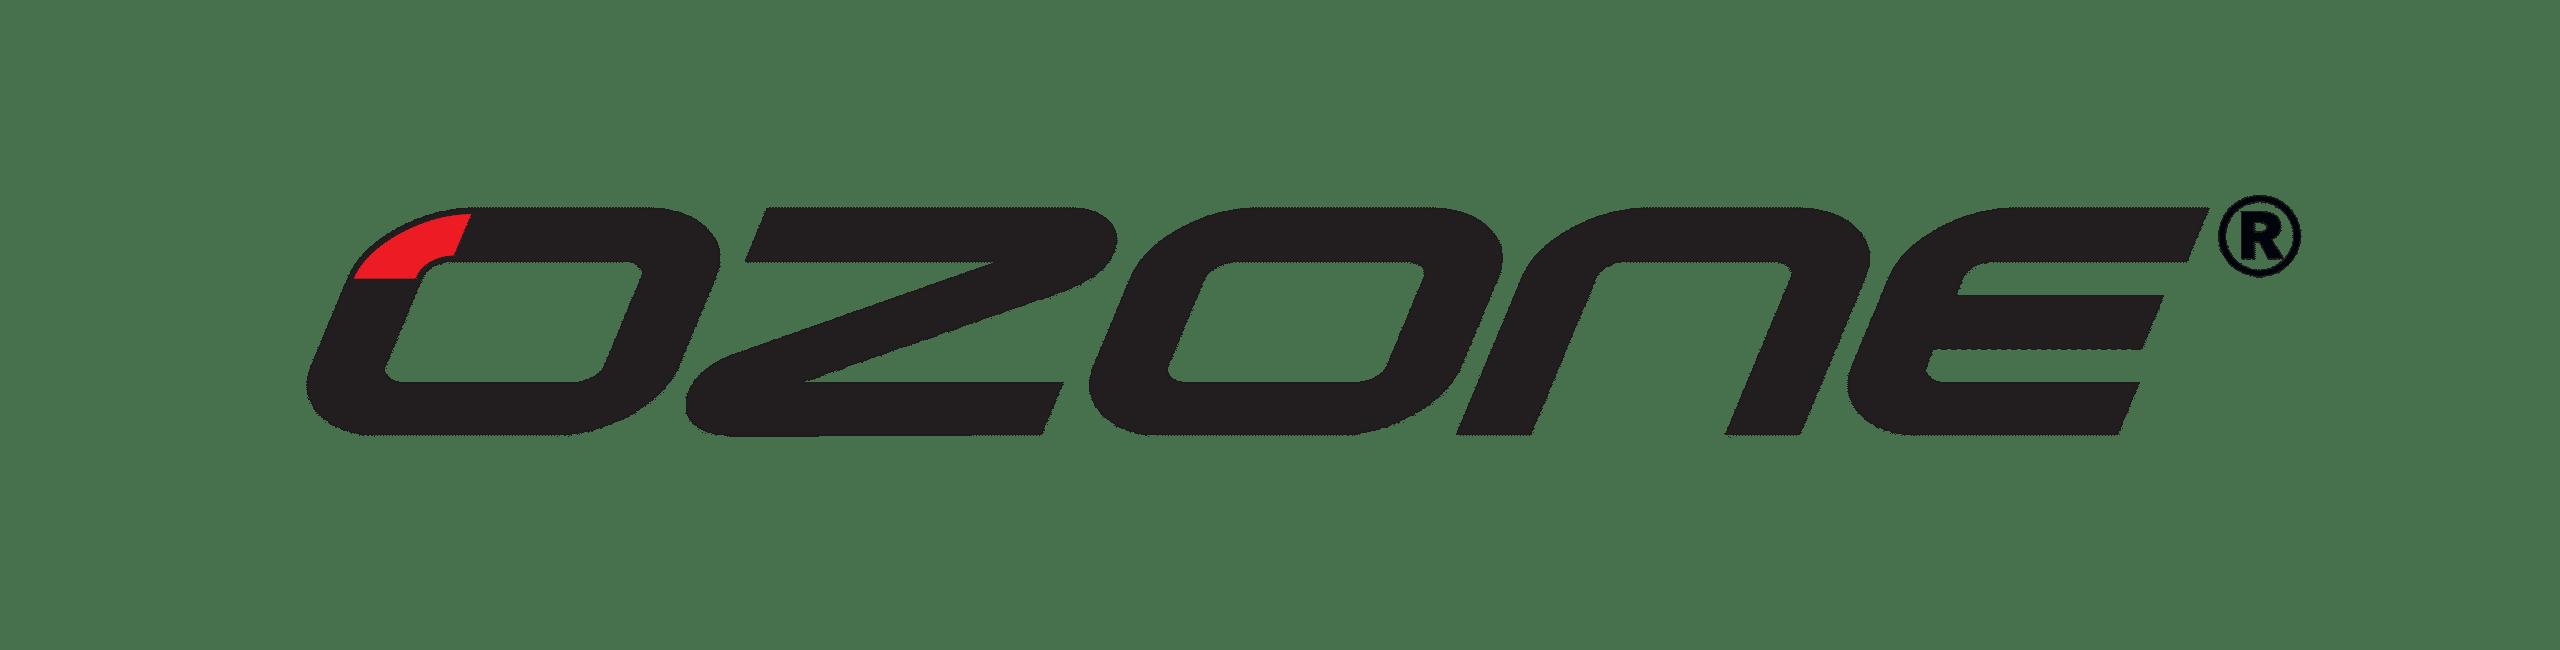 Ozone logo black